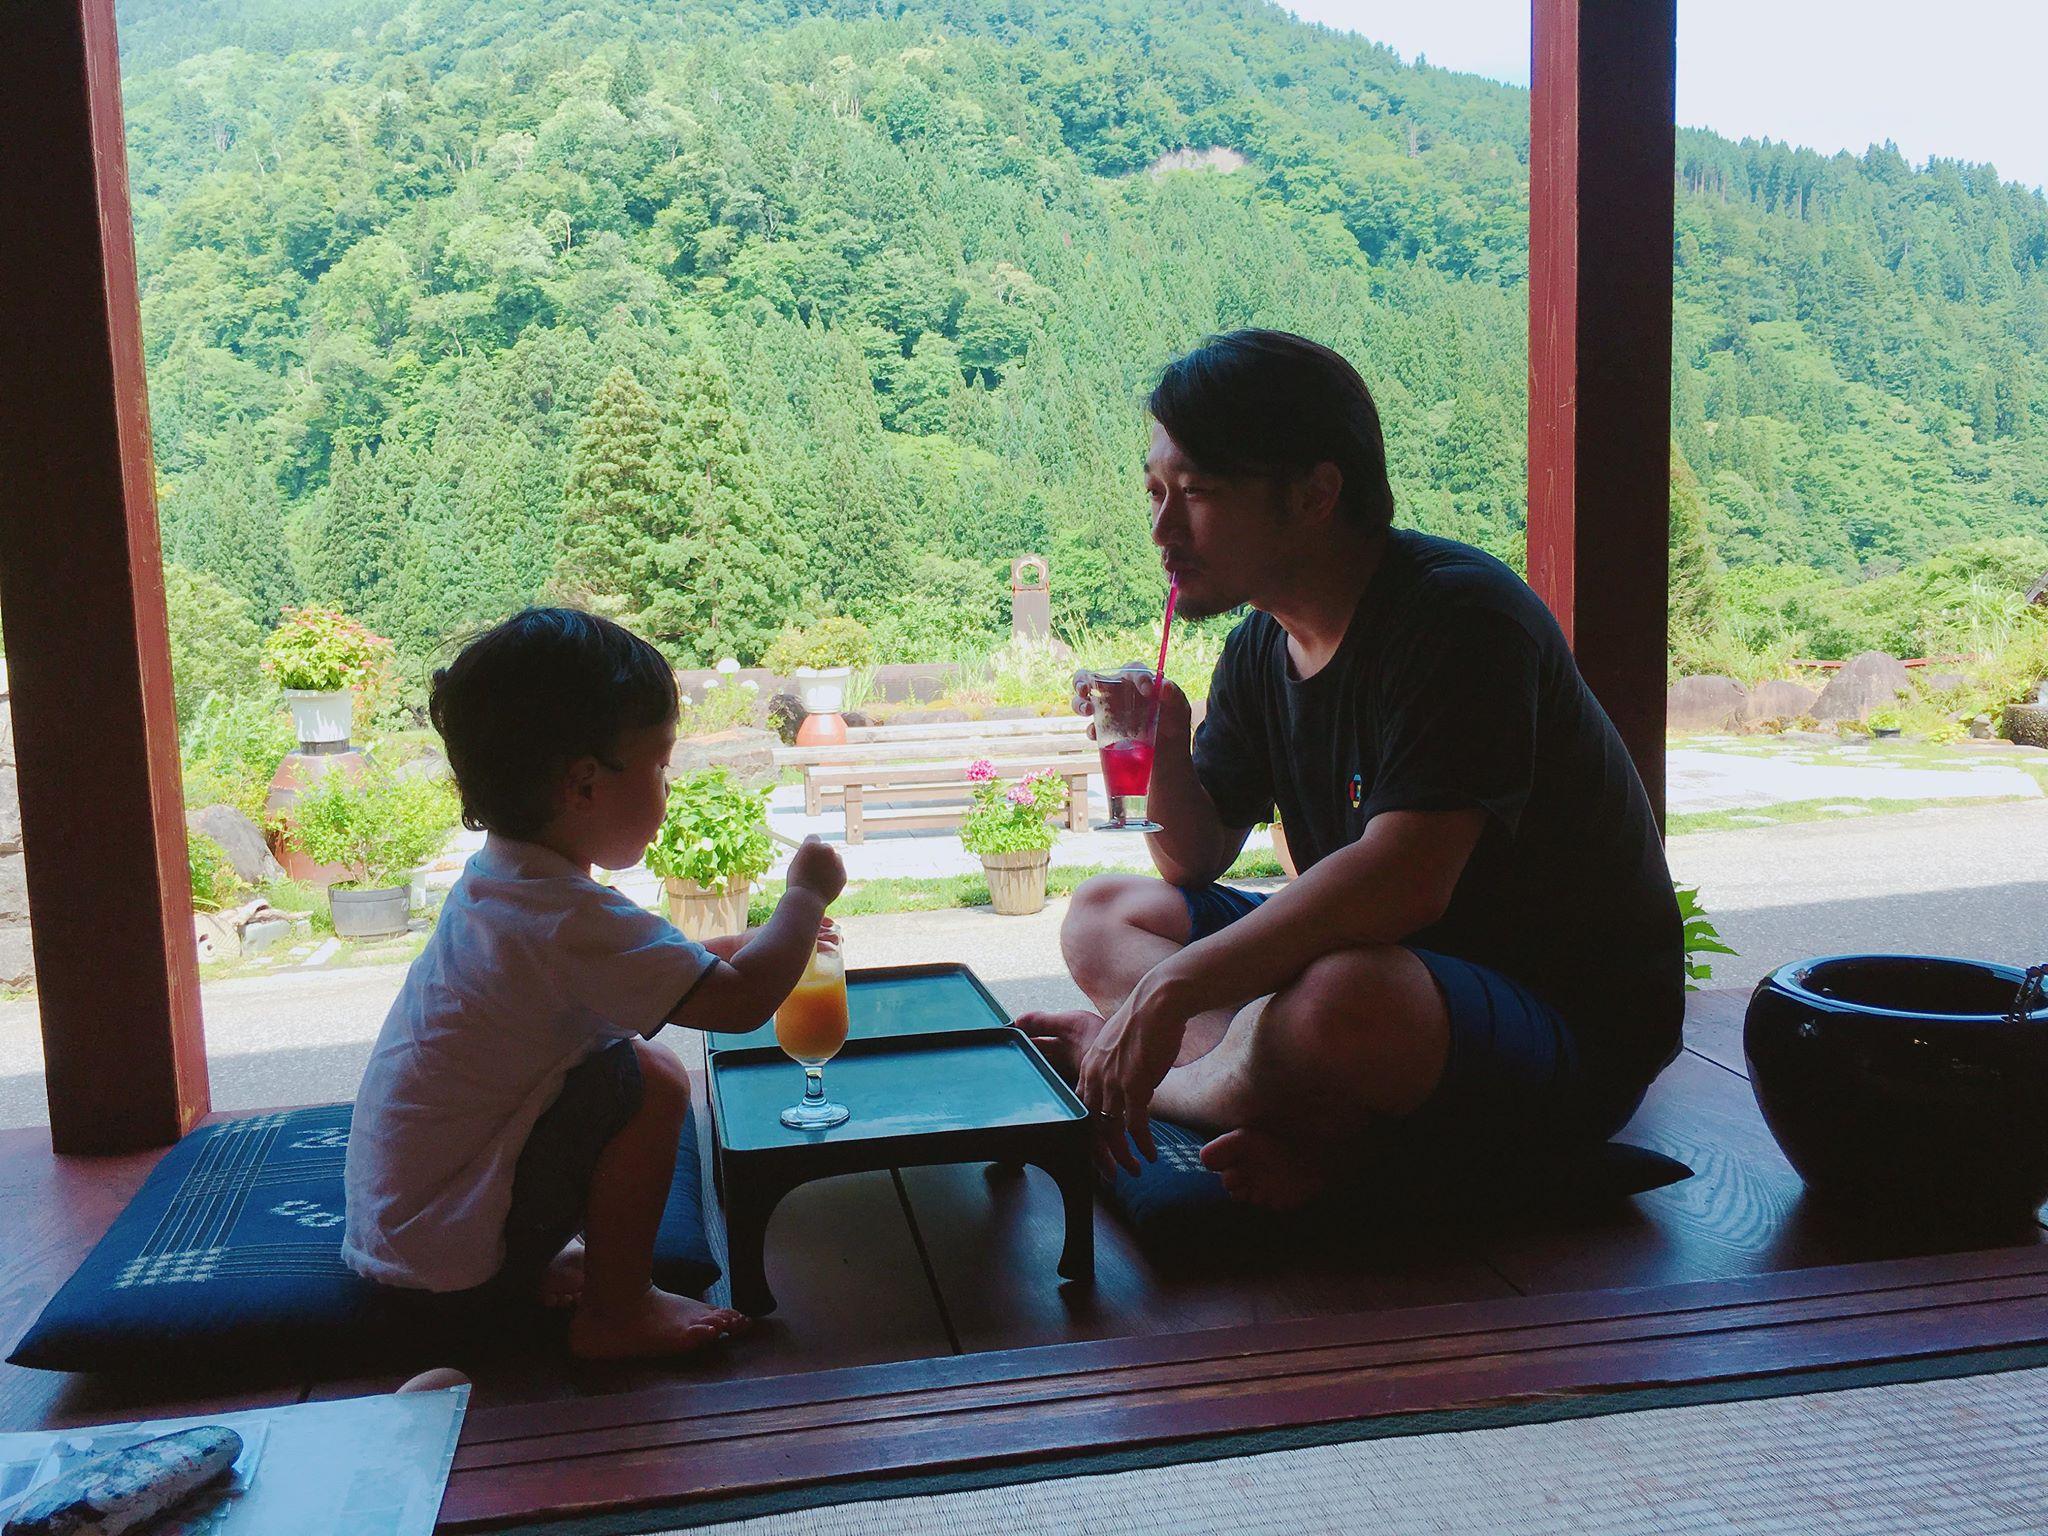 【石川県白山市】リアルサマーウォーズを体験できる雪だるまカフェを発見!